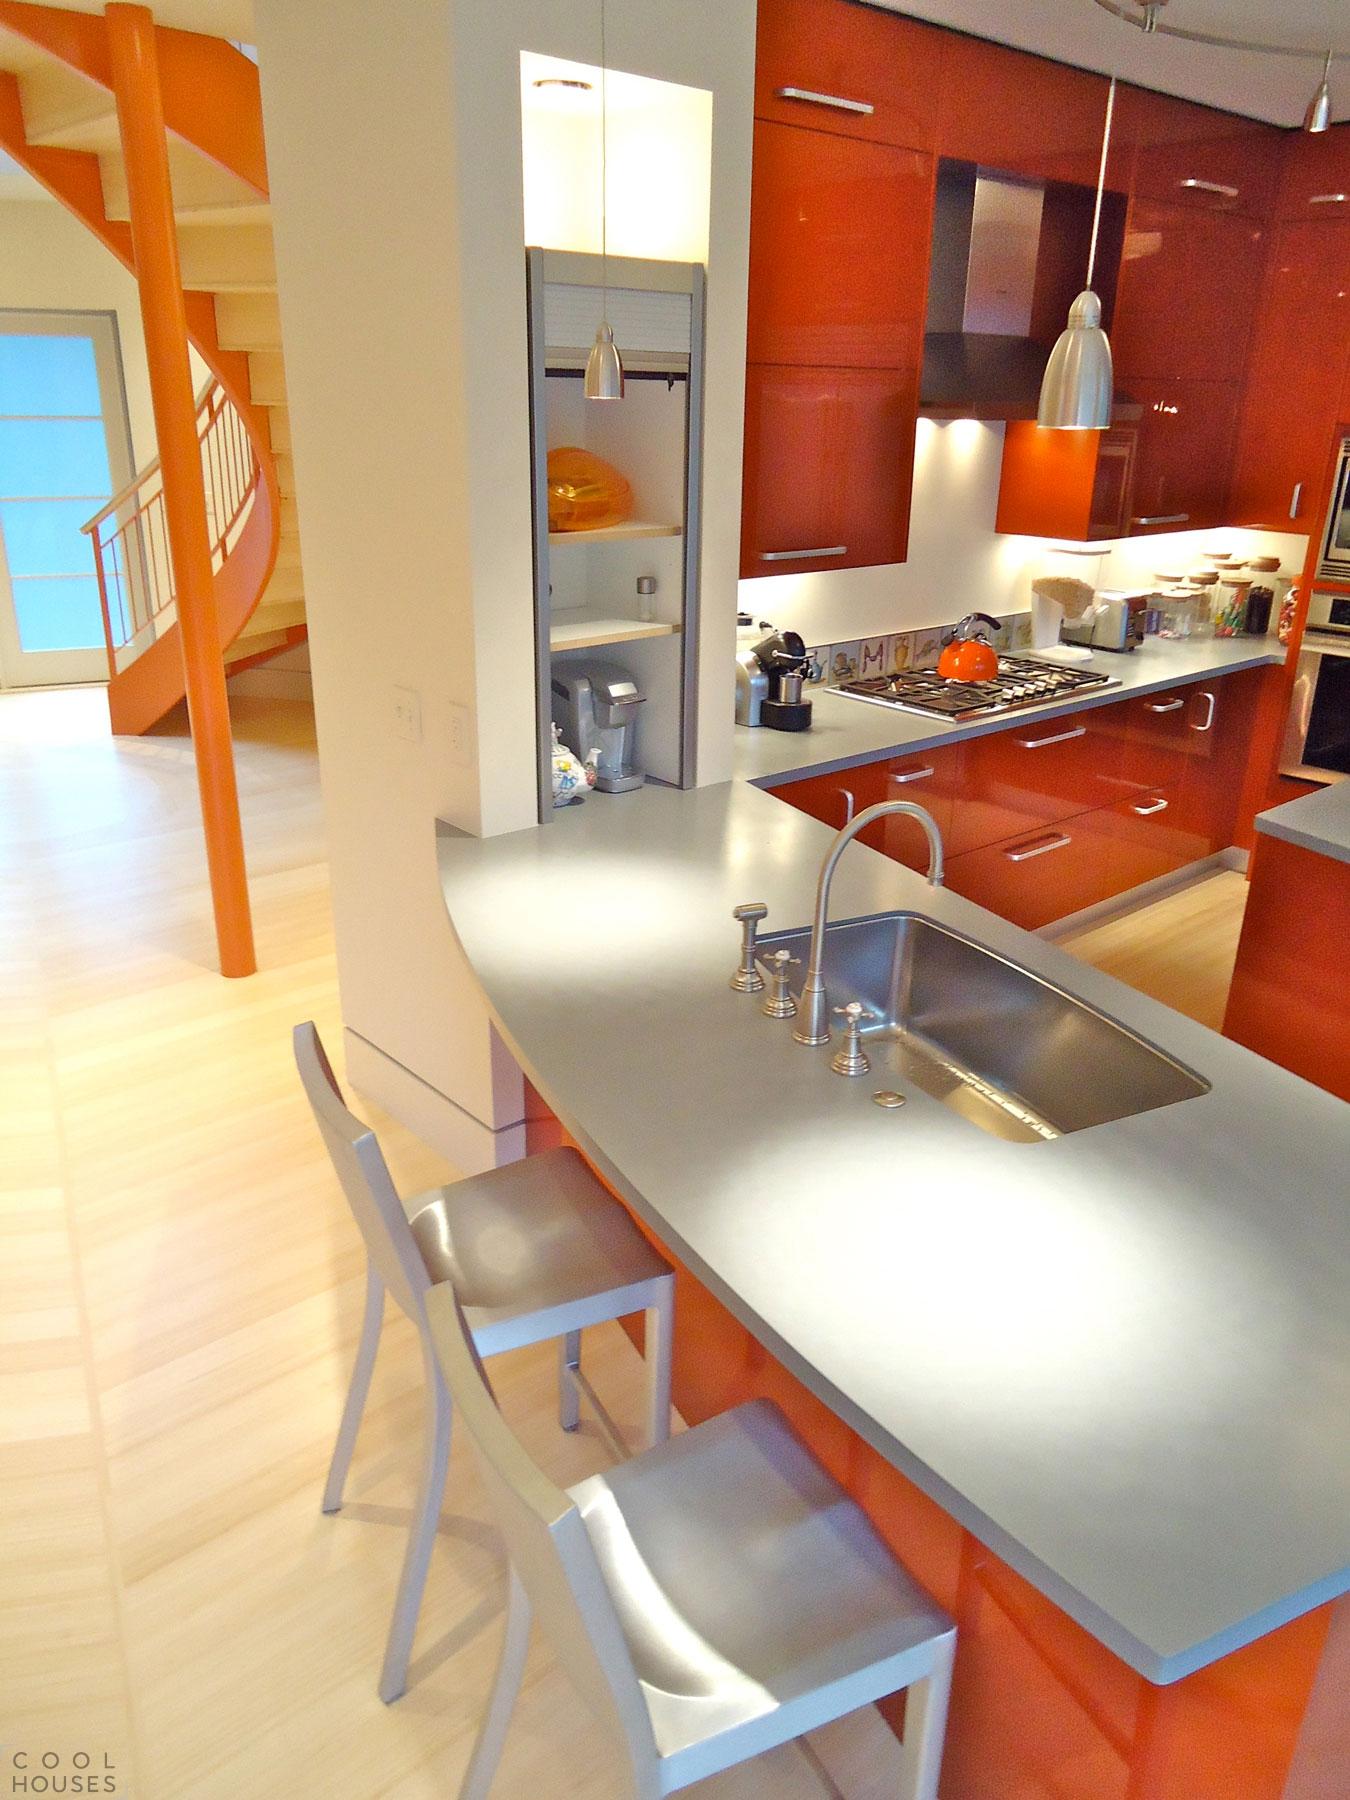 Современный экологичный дом разработан архитектором Бобом Августином